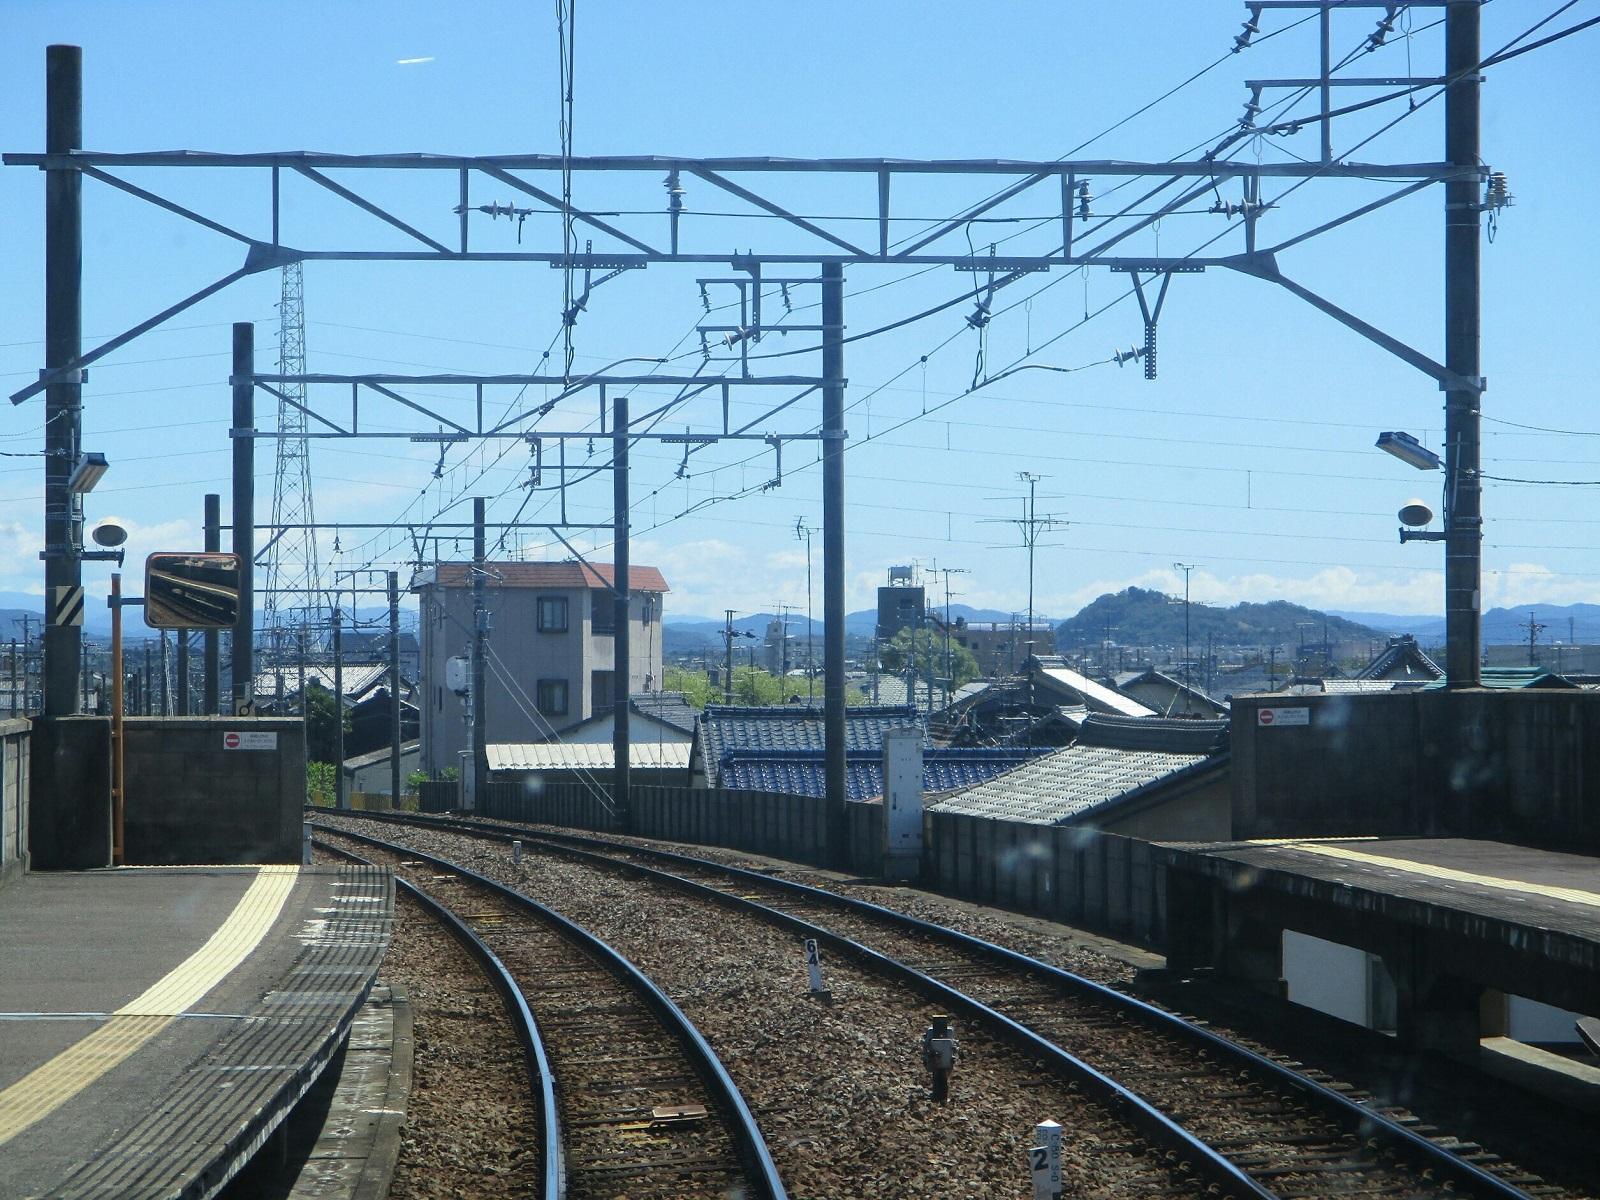 2018.8.17 (41) 犬山いきふつう - 細畑 1600-1200